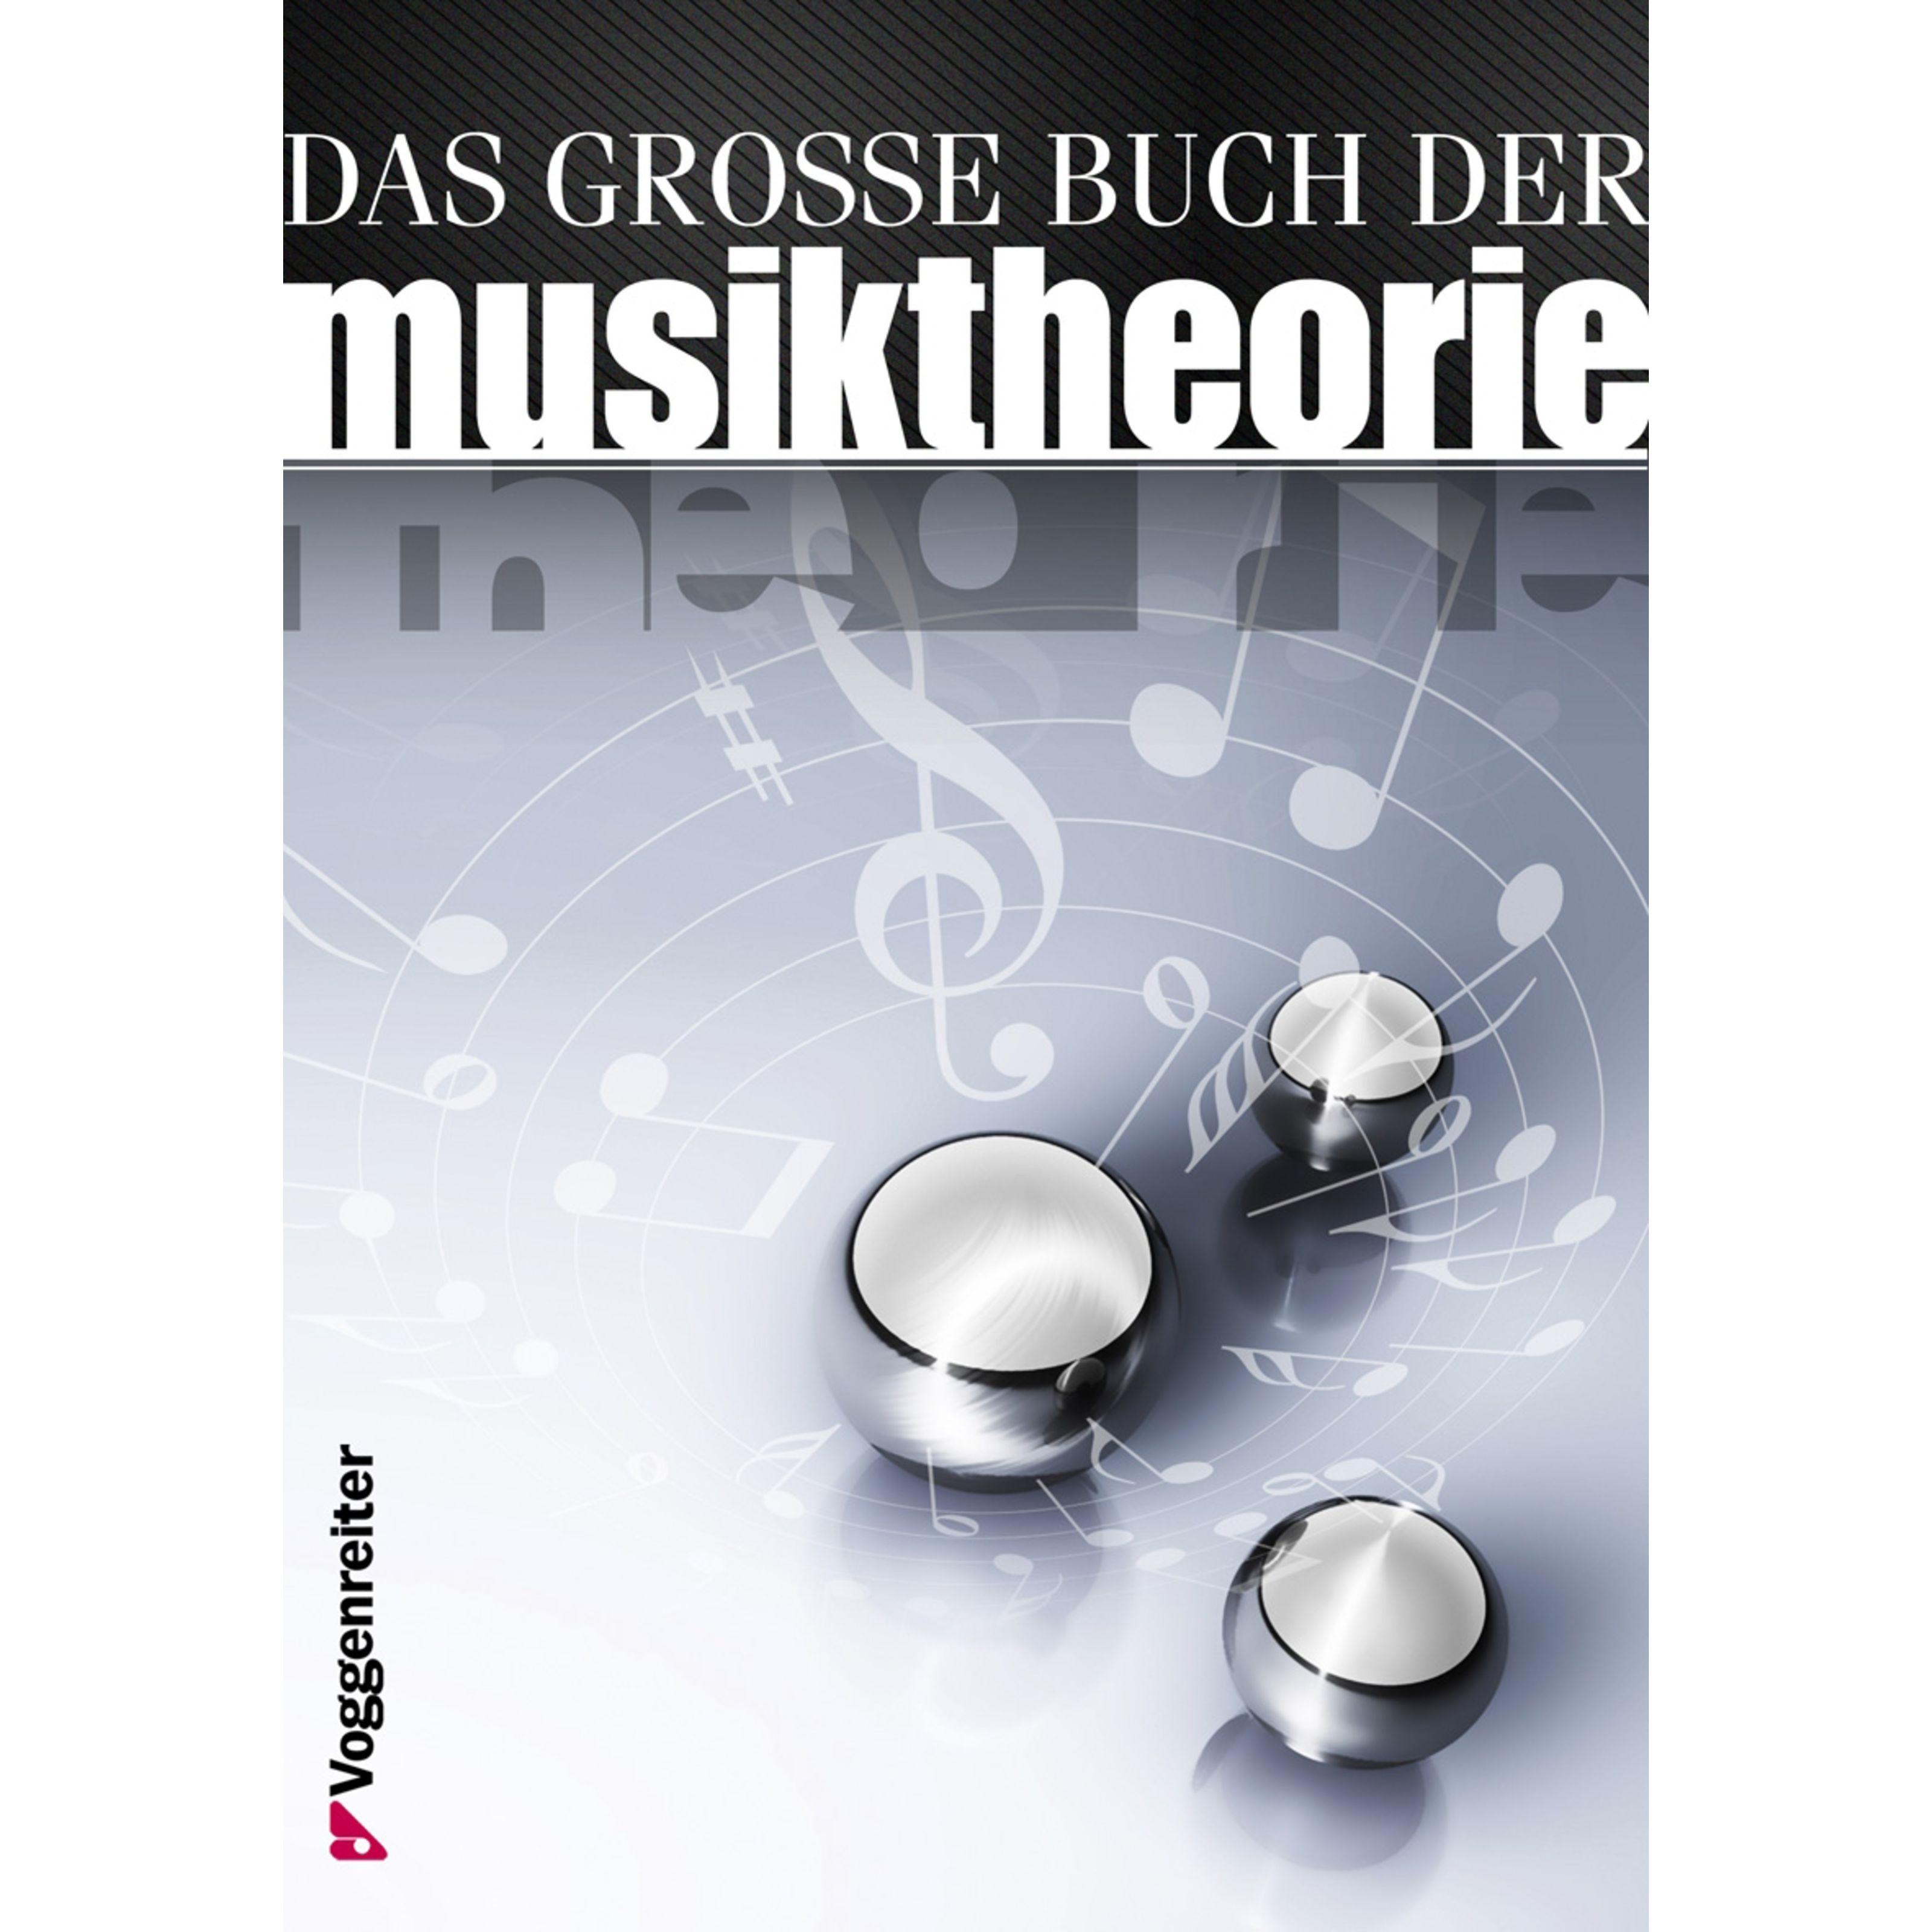 Voggenreiter - Große Buch der Musiktheorie Herb Kraus, Buch/CD 0936-3